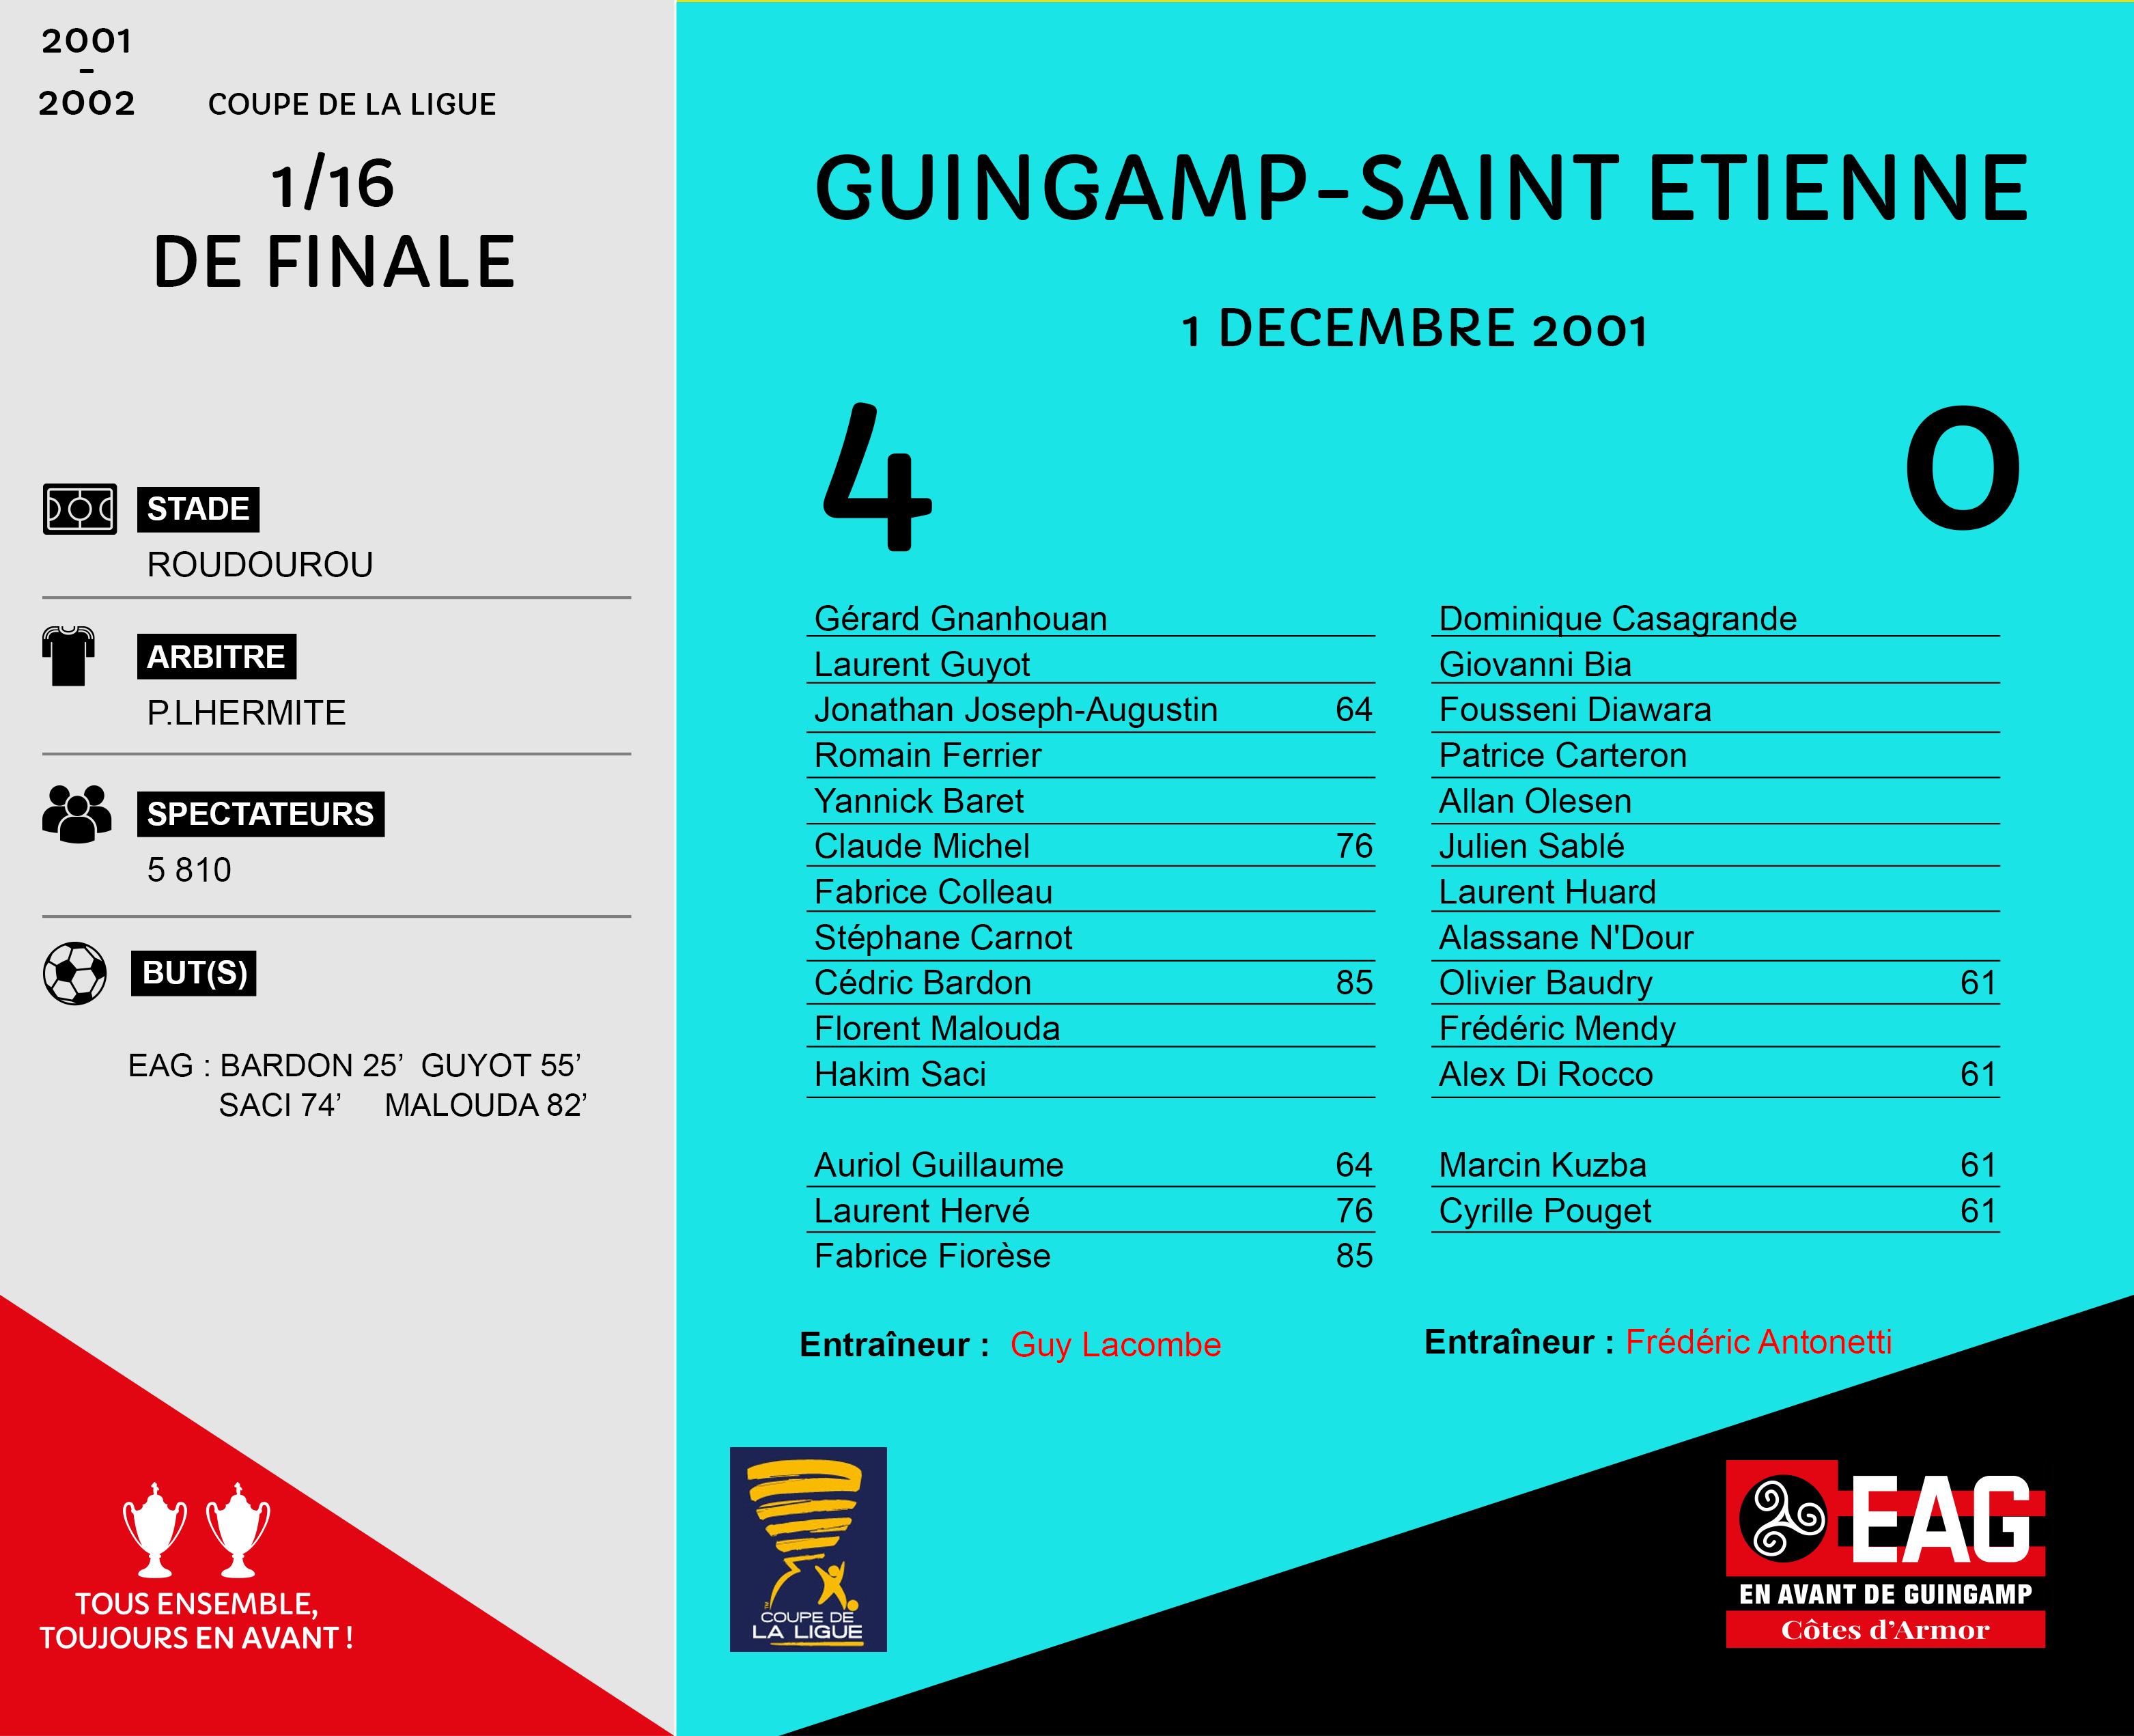 Les Guingamp Saint Etienne En Avant De Guingamp